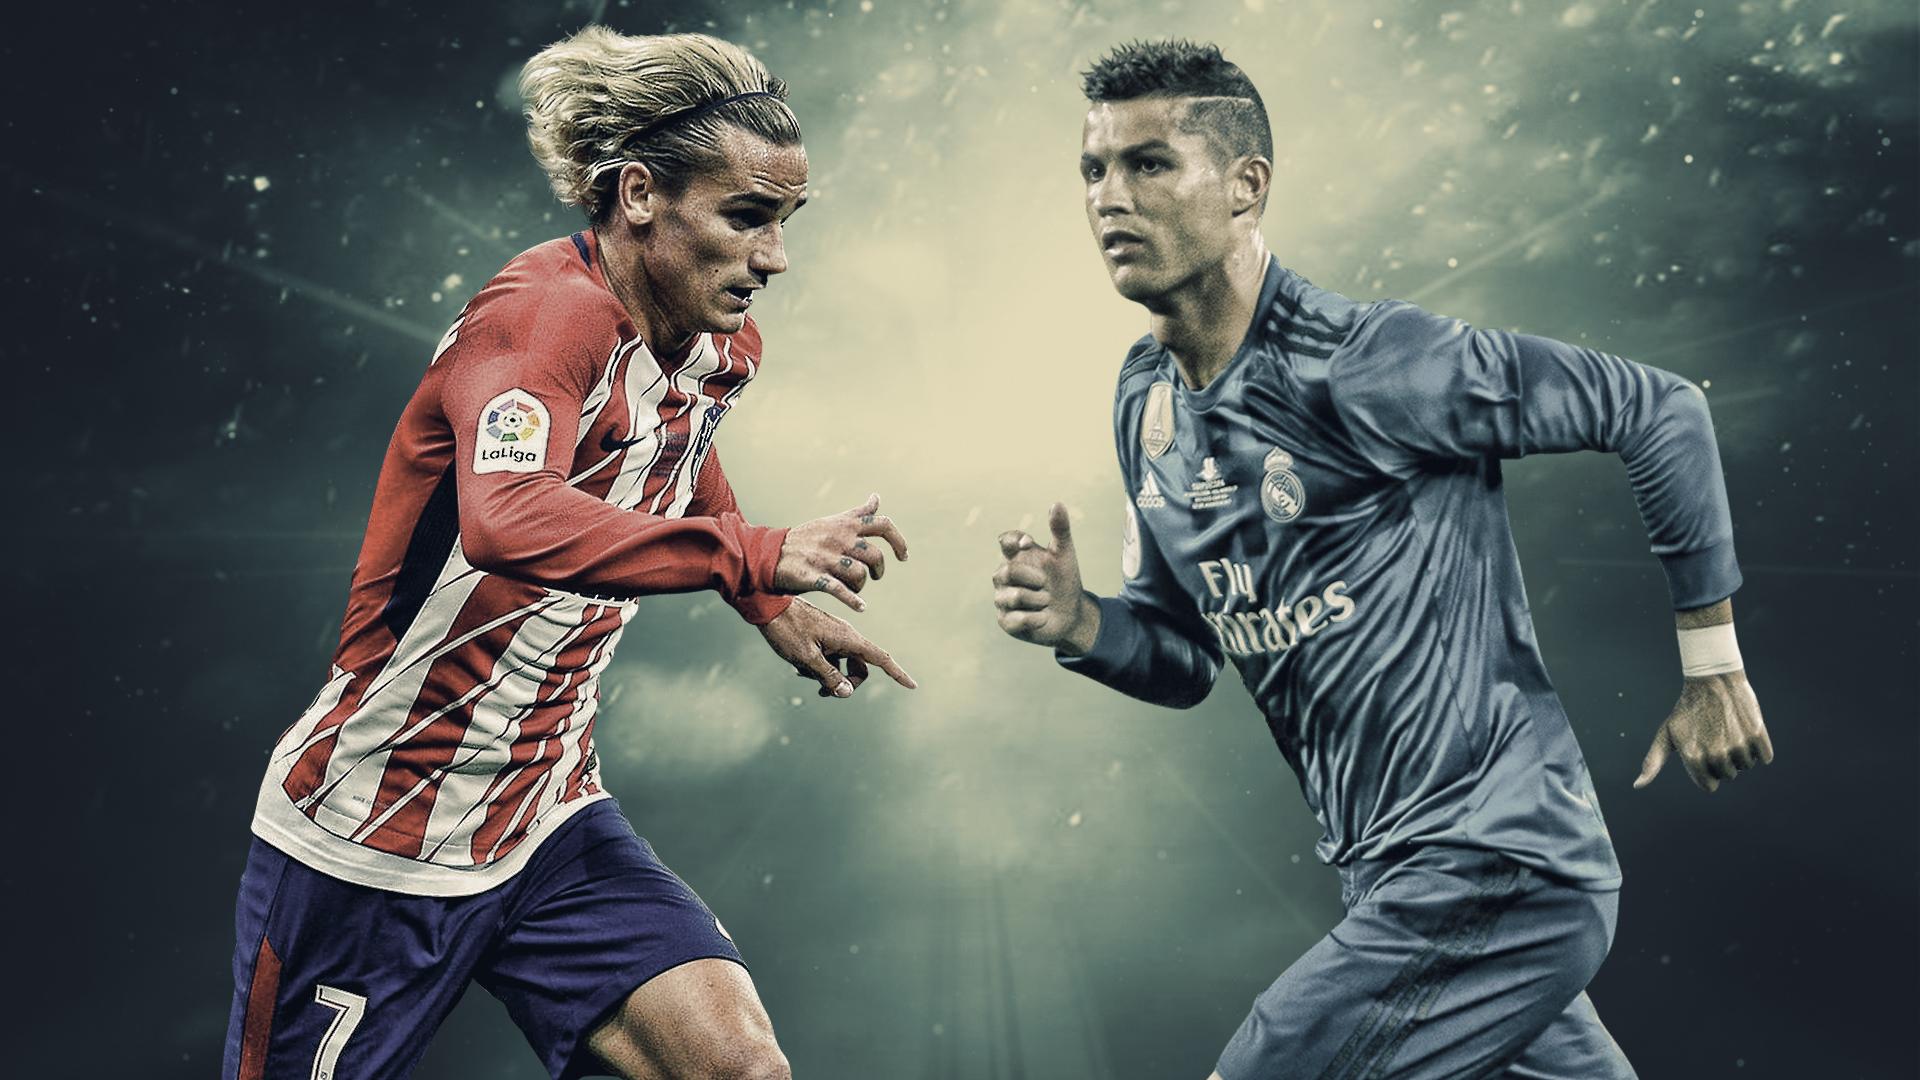 Horarios, canal de TV y dónde ver online — Atlético-Real Madrid